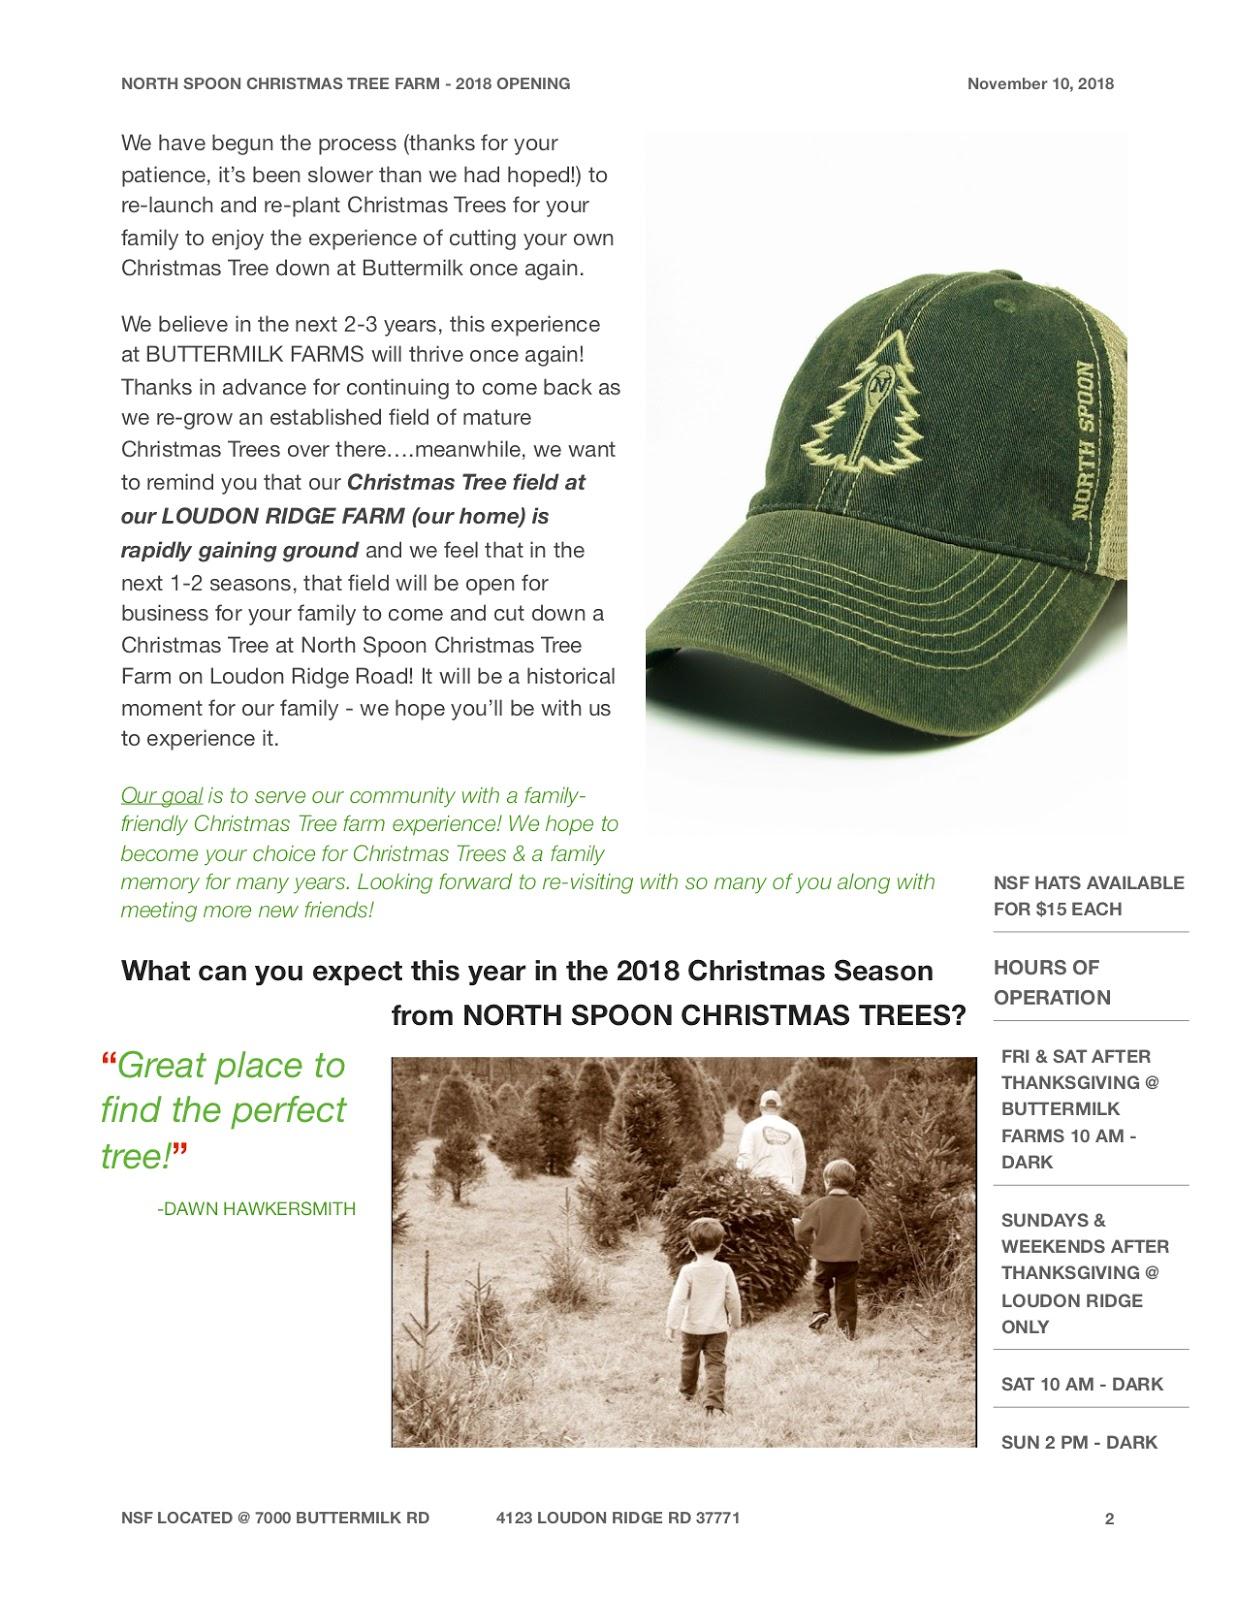 The North Spoon - Christmas Tree Farm : 2018